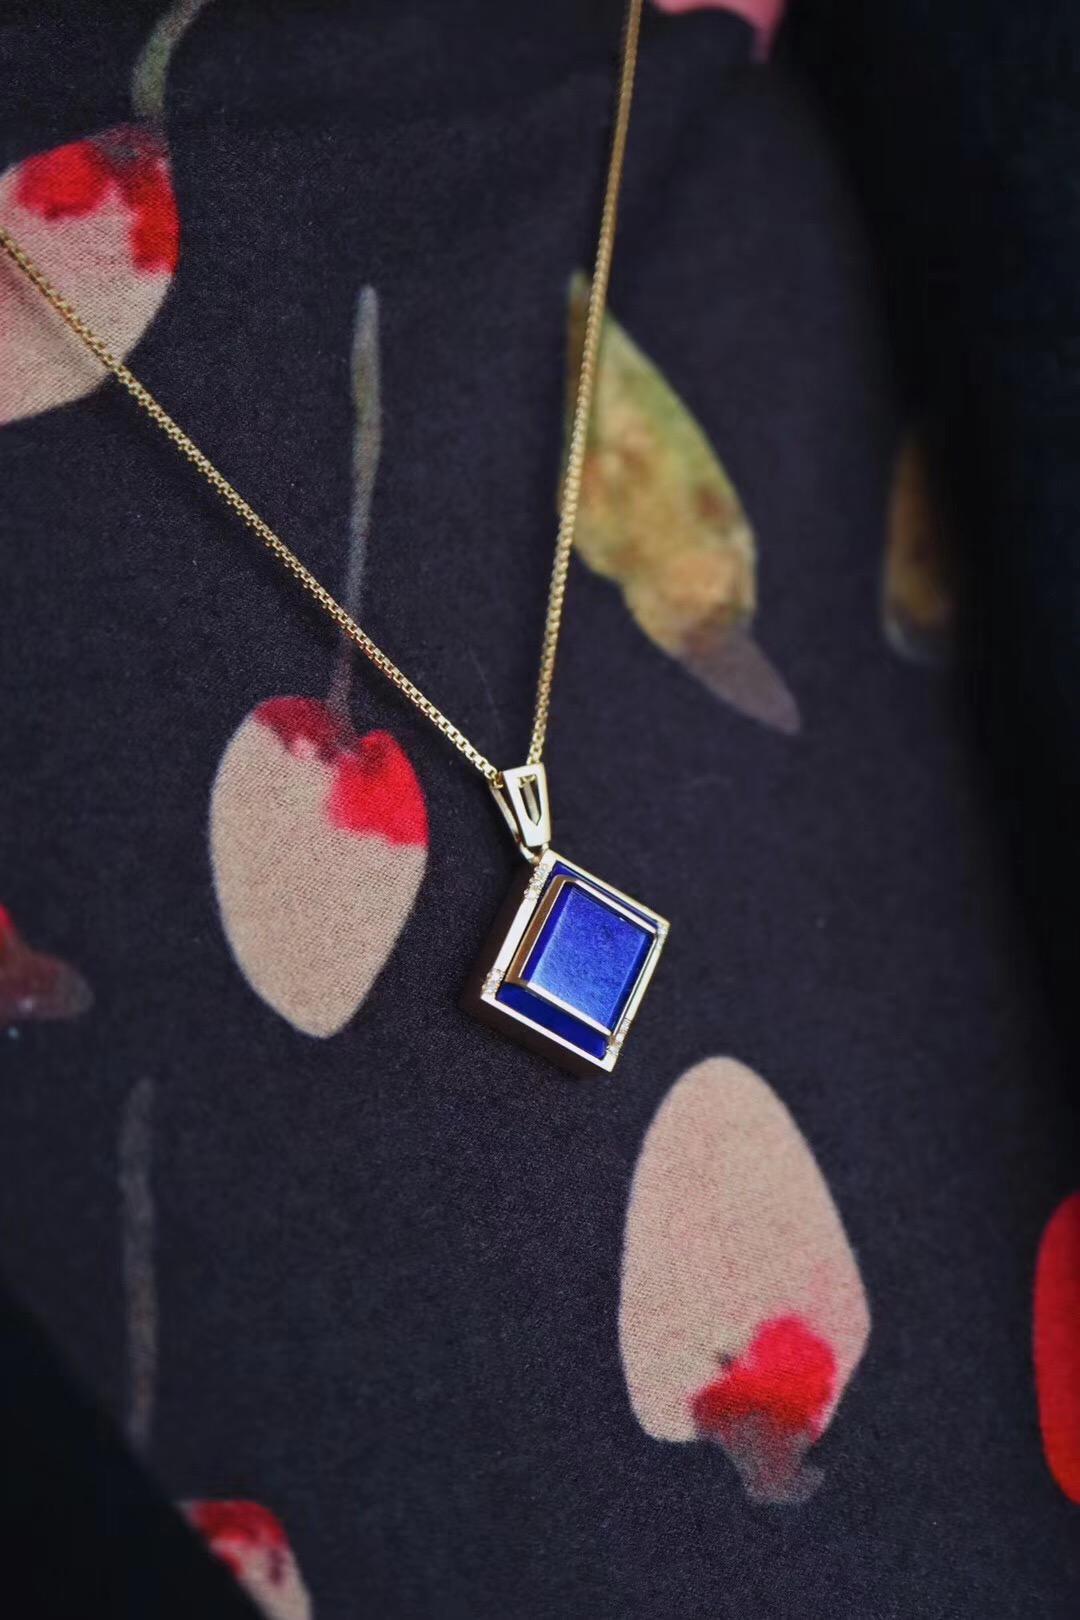 【帝王青&锁骨链】真实且温柔,是这枚青金石想要表达的-菩心晶舍